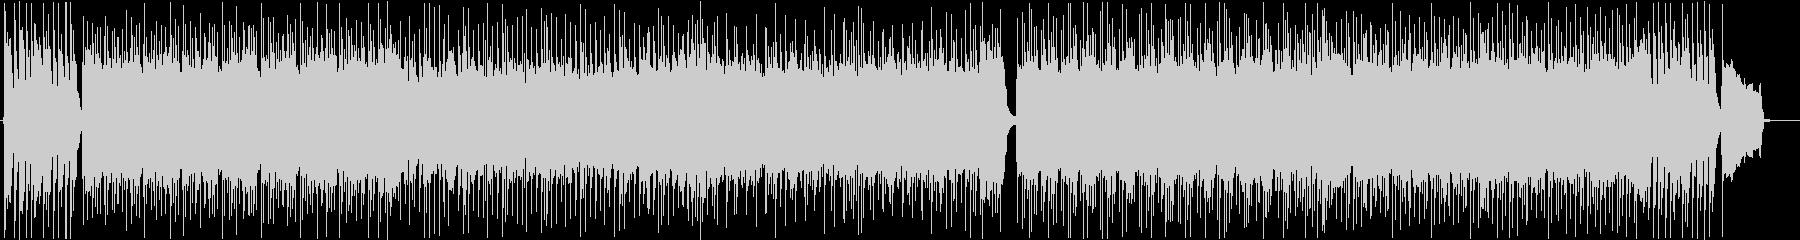 オープニング・和風ロックバトルBGMの未再生の波形